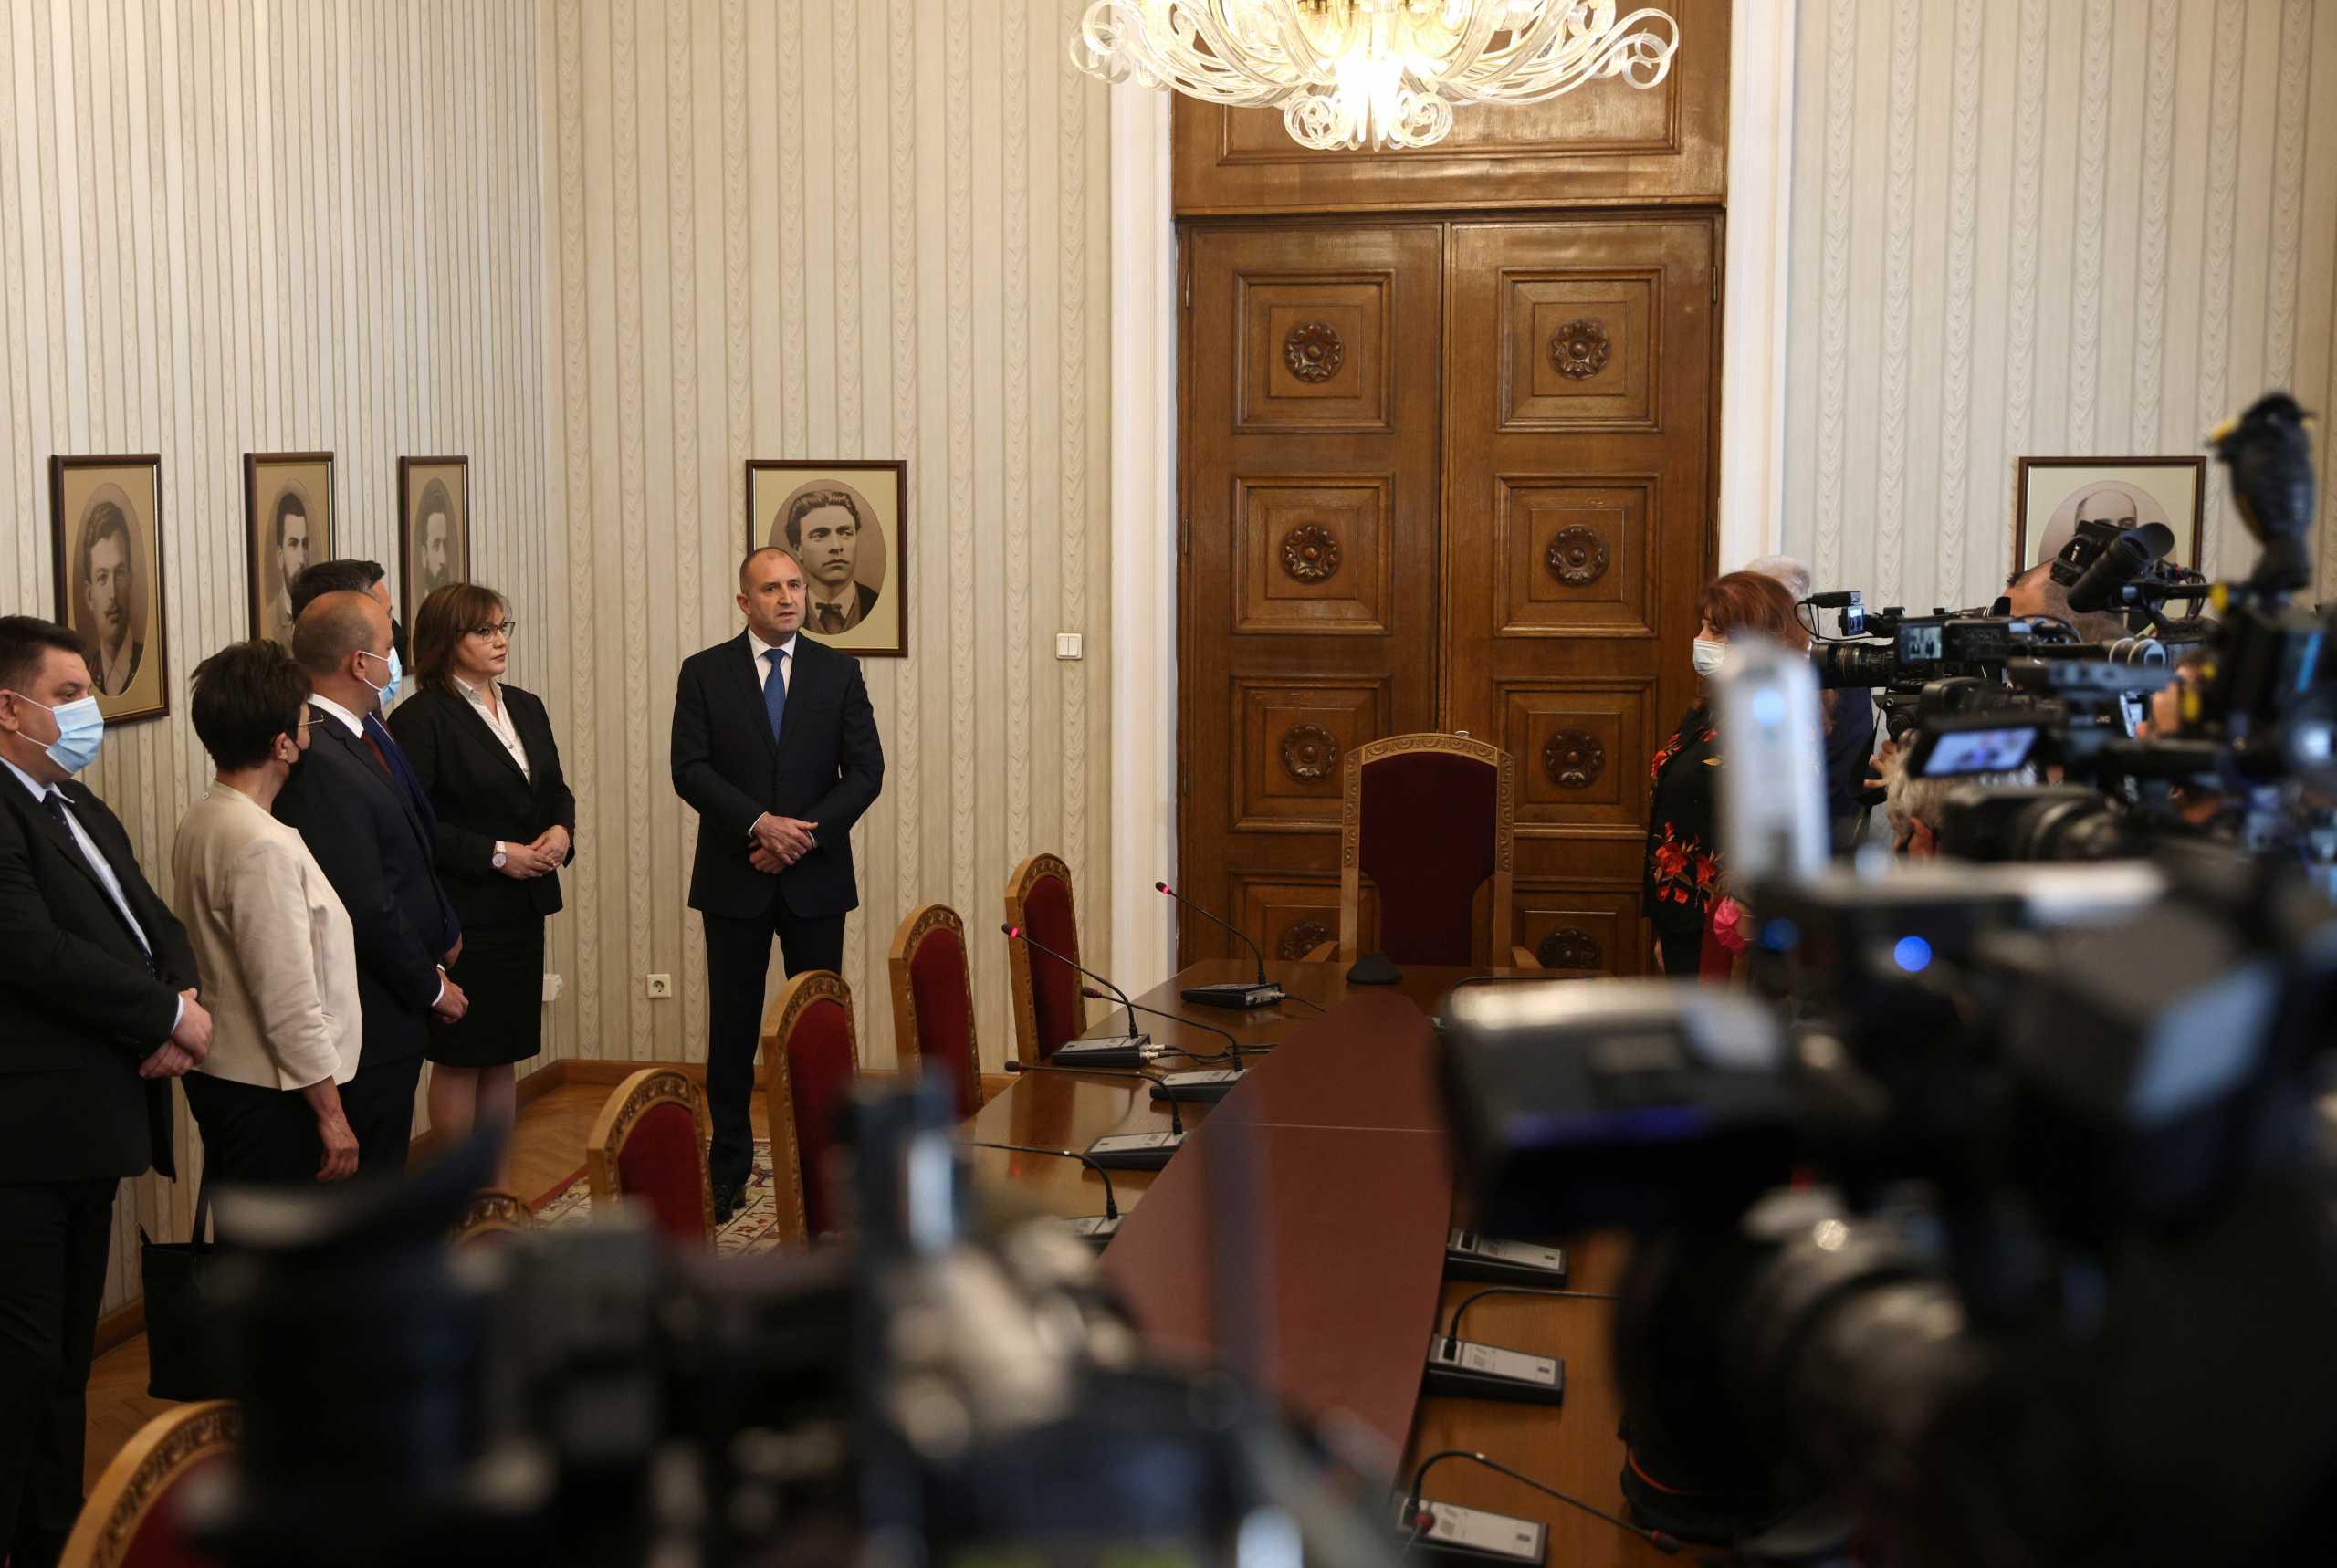 Στήνουν ξανά κάλπες στη Βουλγαρία μόλις τρεις μήνες μετά τις εκλογές